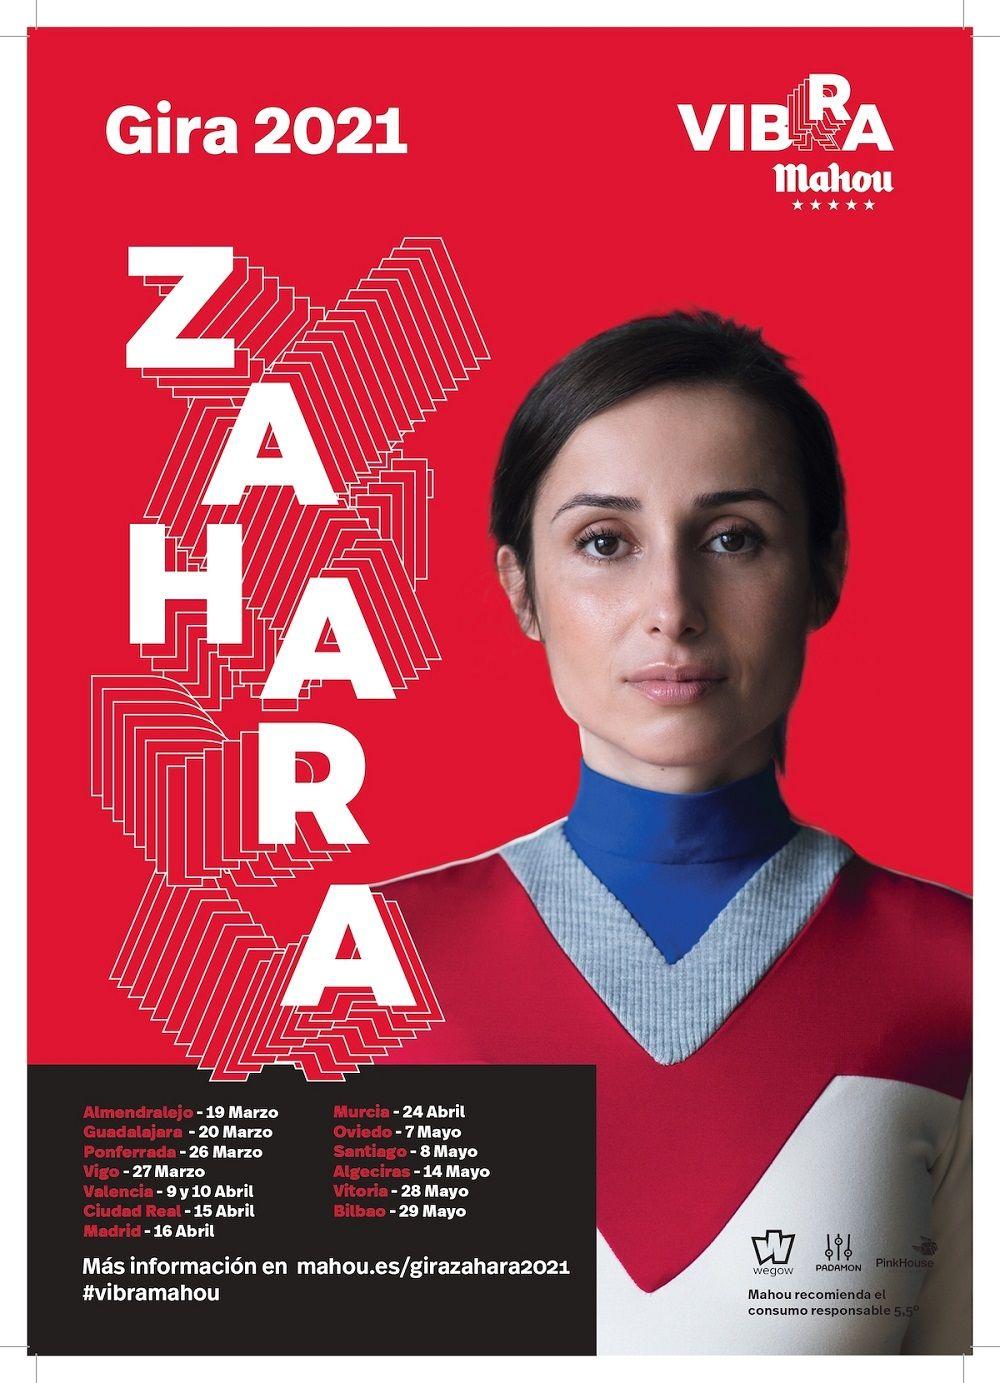 Gira Vibra Mahou 2021 Zahara